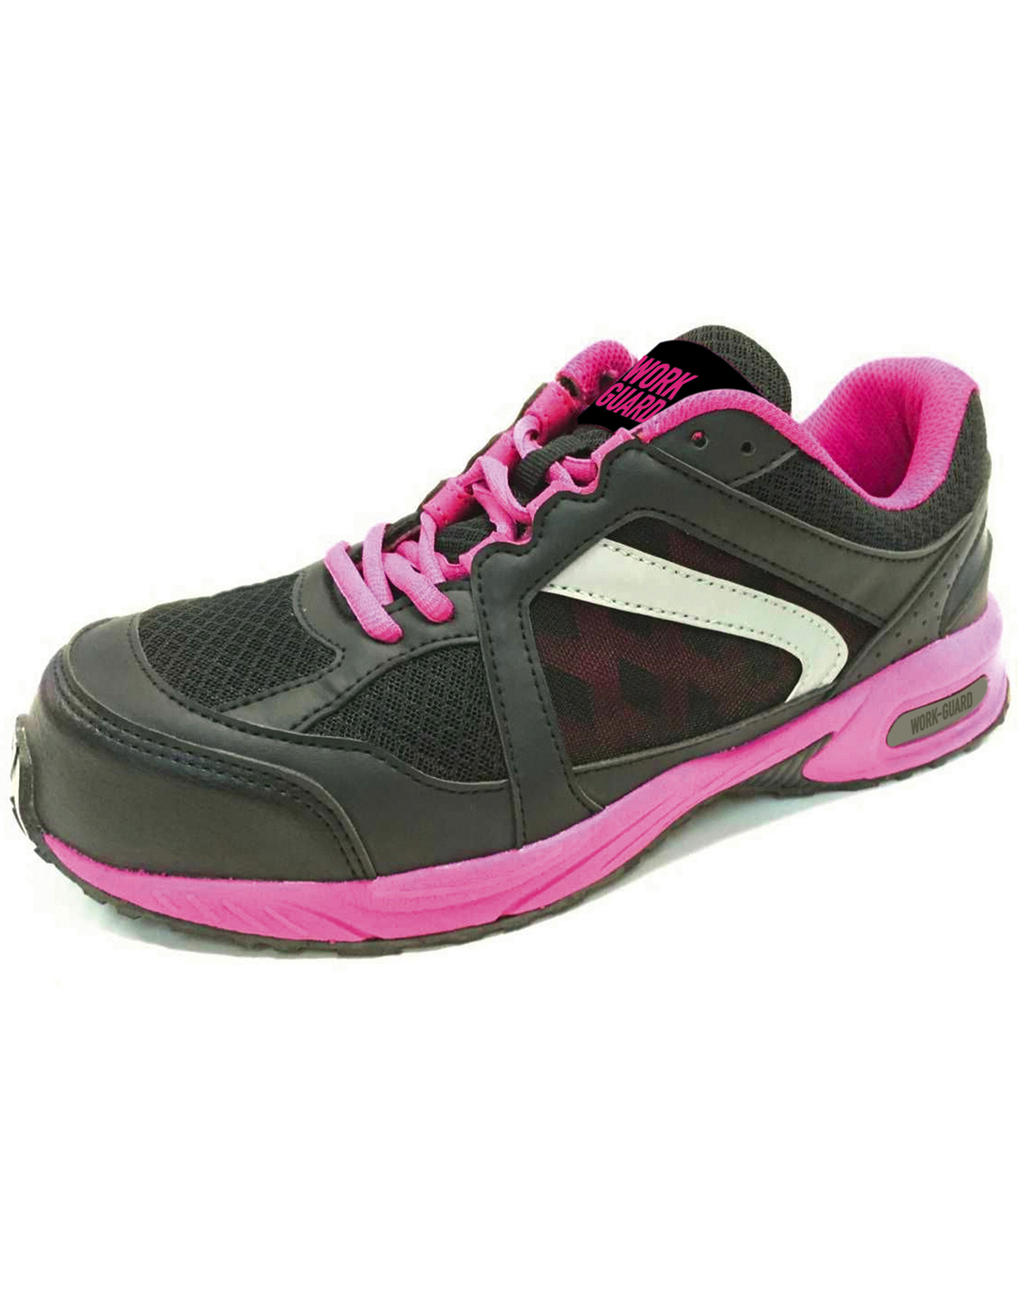 Damskie buty treningowe Safety